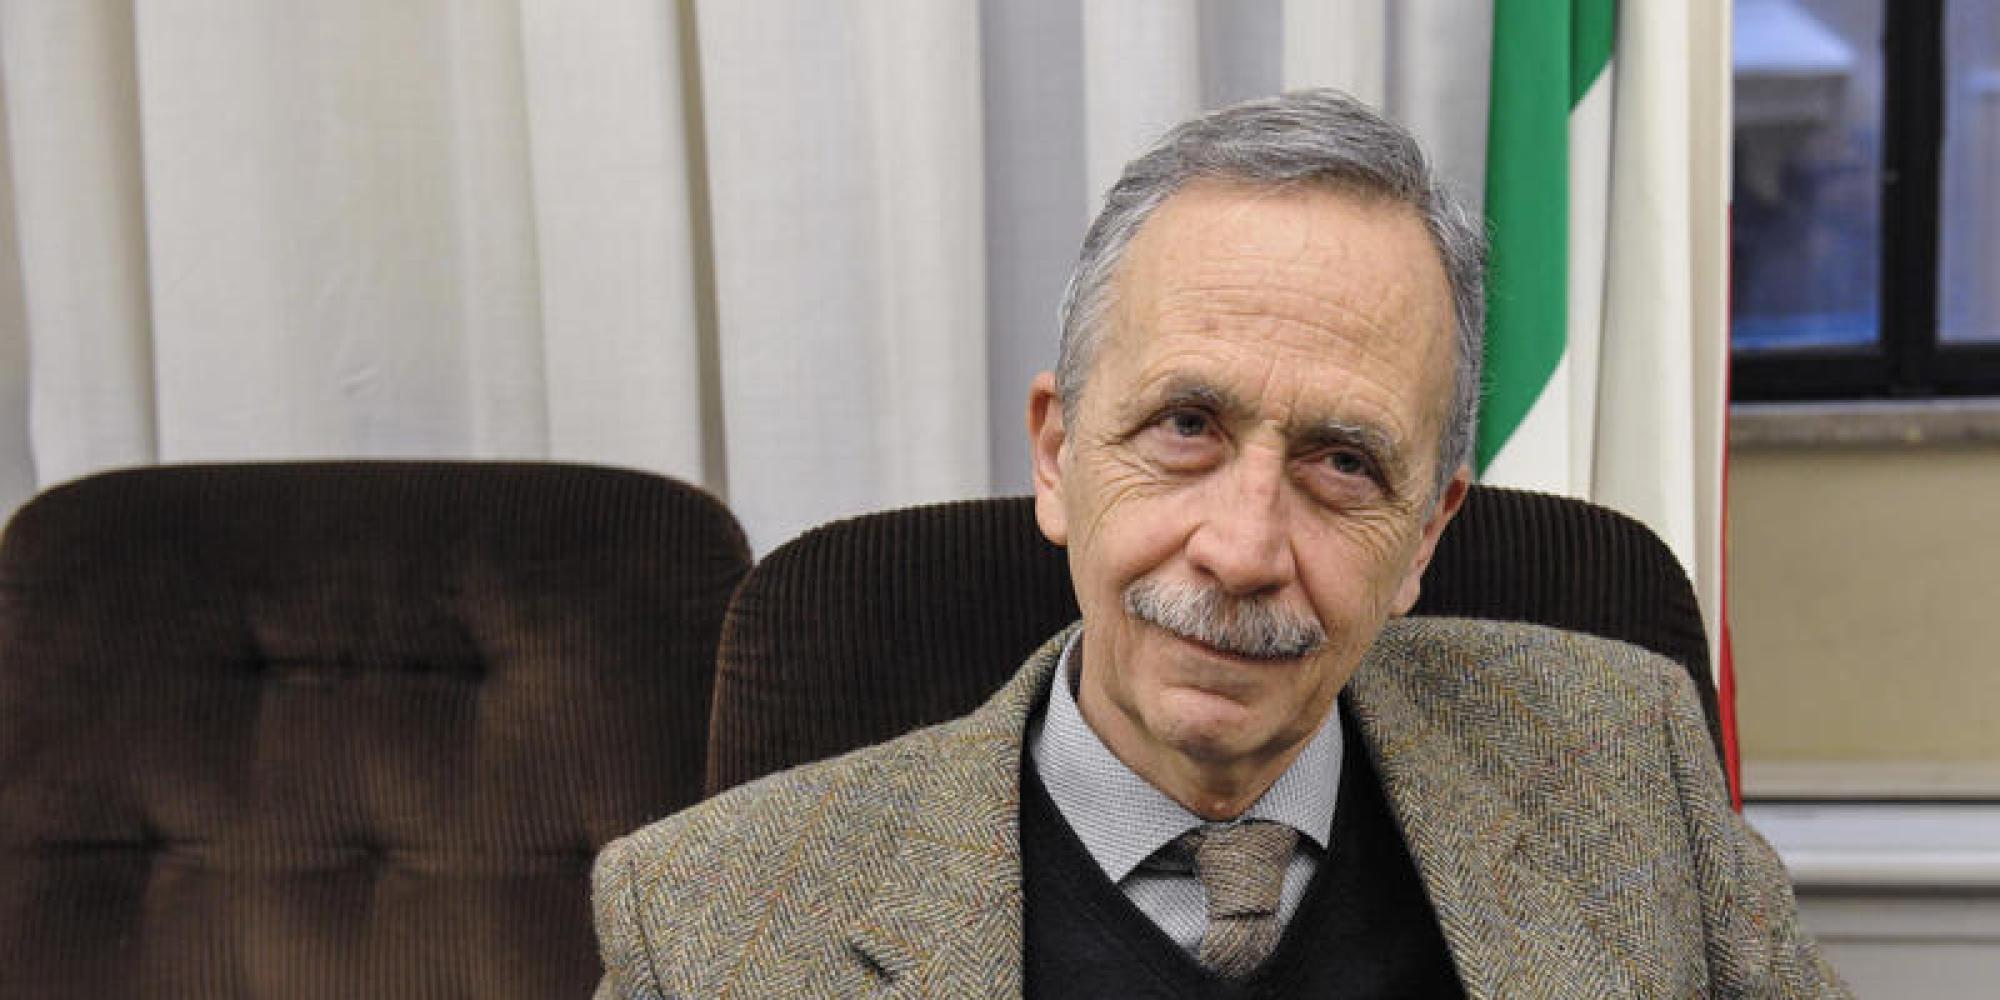 Paolo Berdini, assessore all'urbanistica del comune di Roma, viene ascoltato dalla commissione della Camera sullo stadio della AS Roma